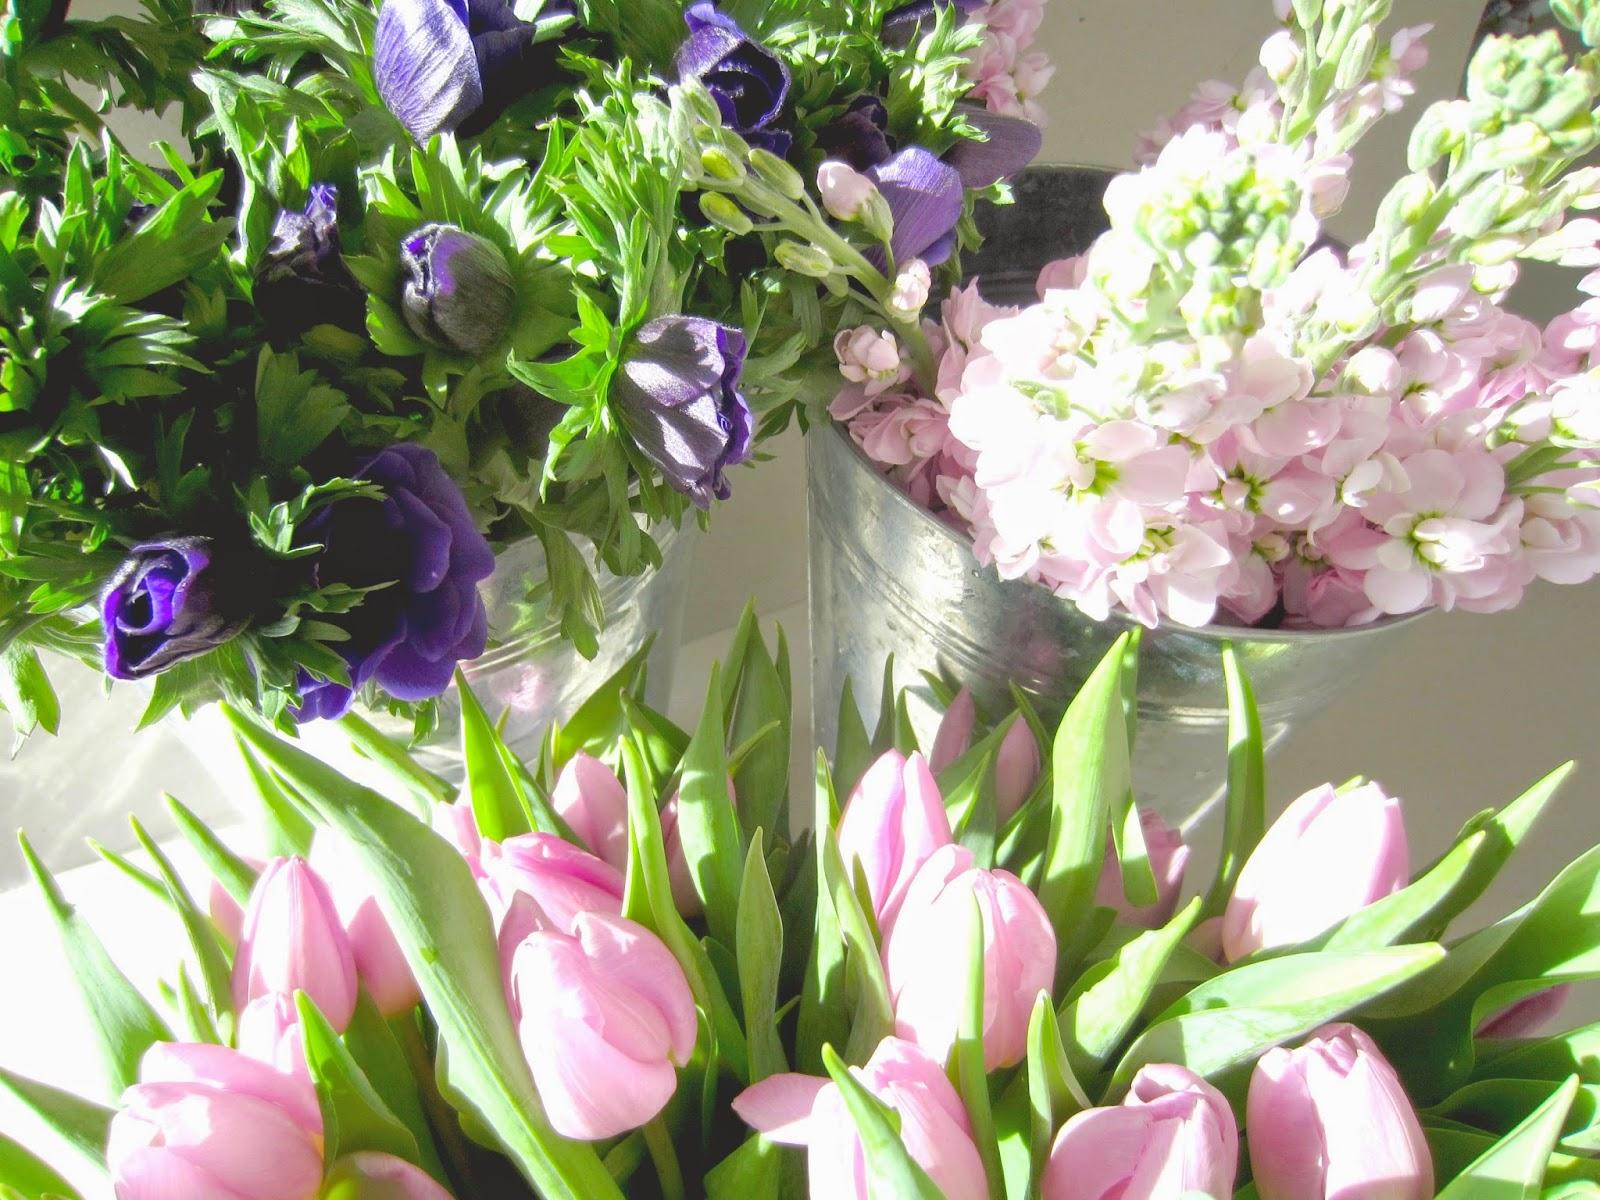 la petite boutique de fleurs fleuriste mariage lyon fleuriste mariage rh ne janvier 2015. Black Bedroom Furniture Sets. Home Design Ideas